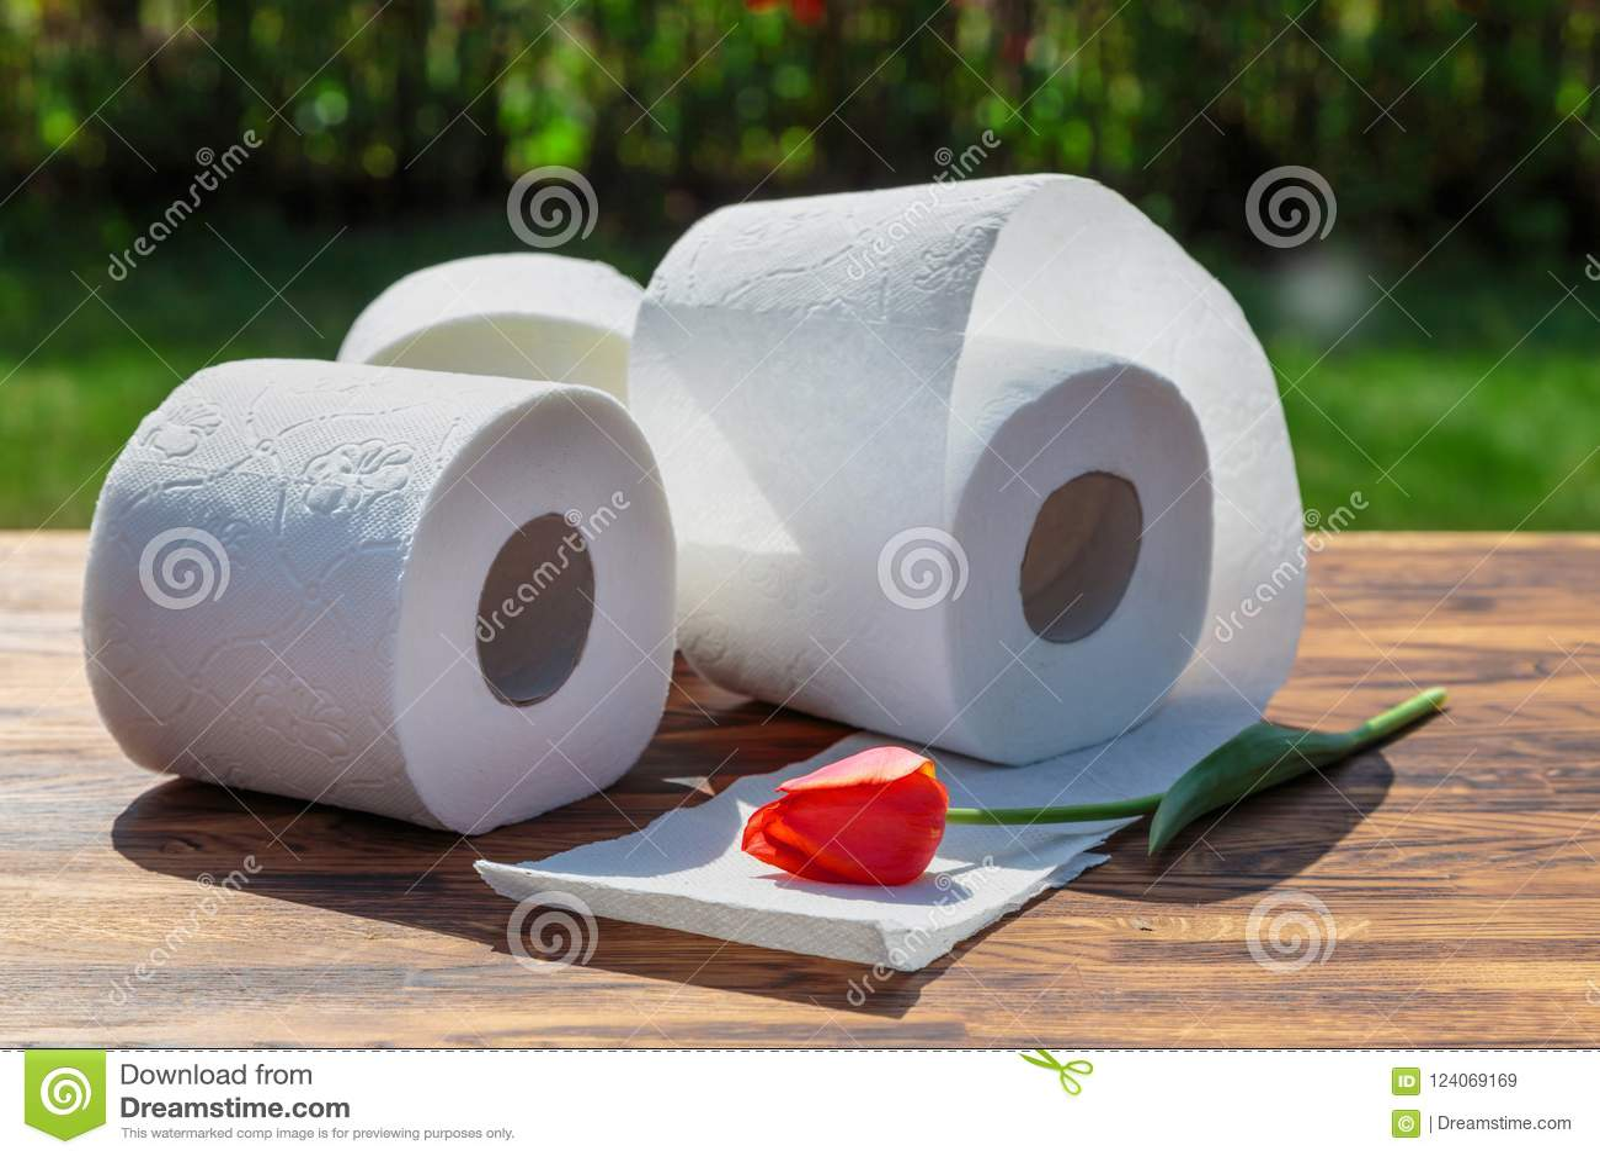 Três rolos do papel higiénico